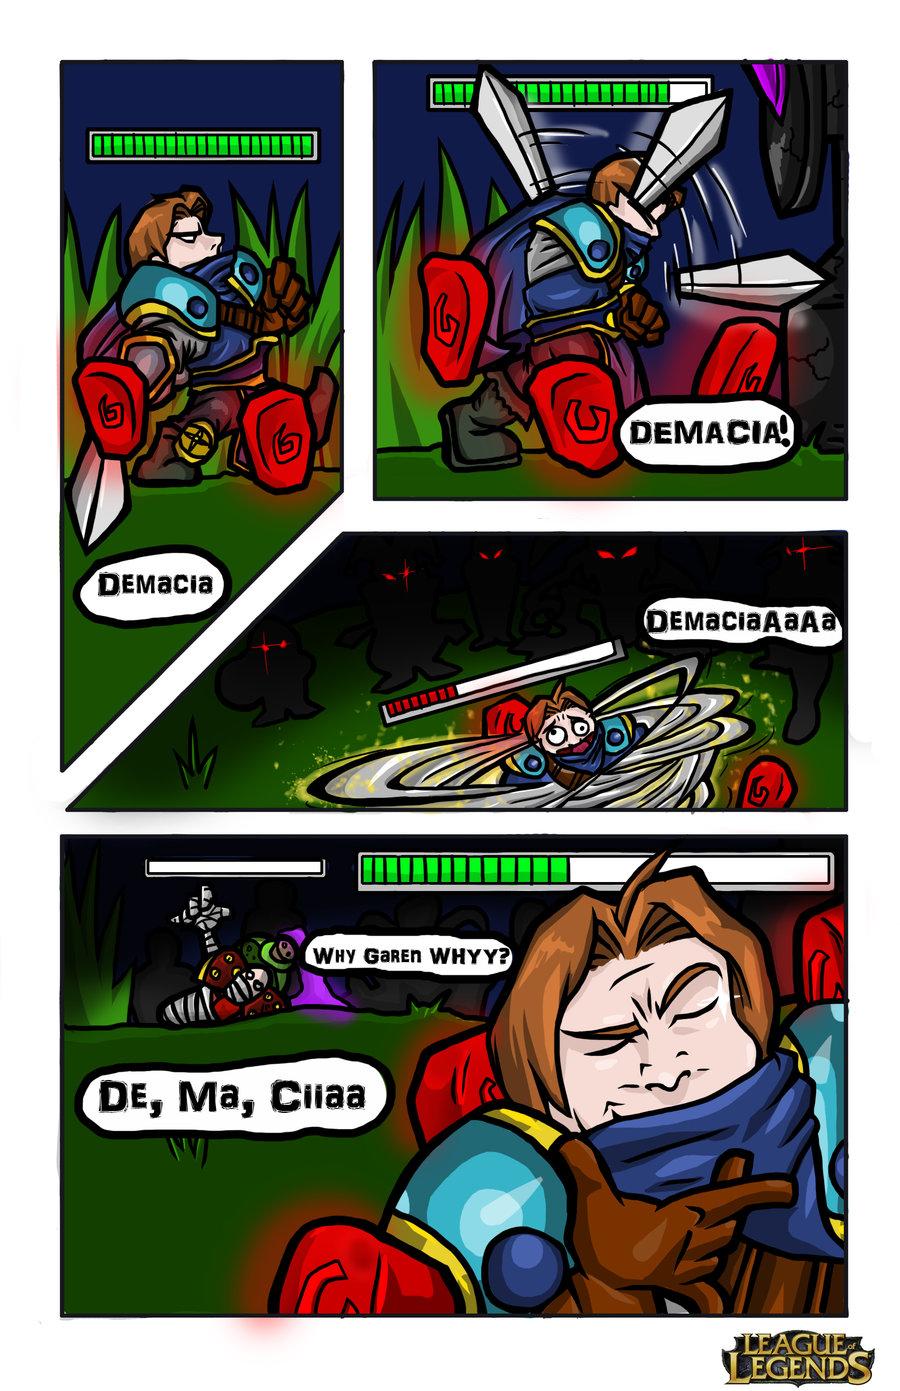 league_of_legends_comic_by_chaosbloodlust-d5c33fb